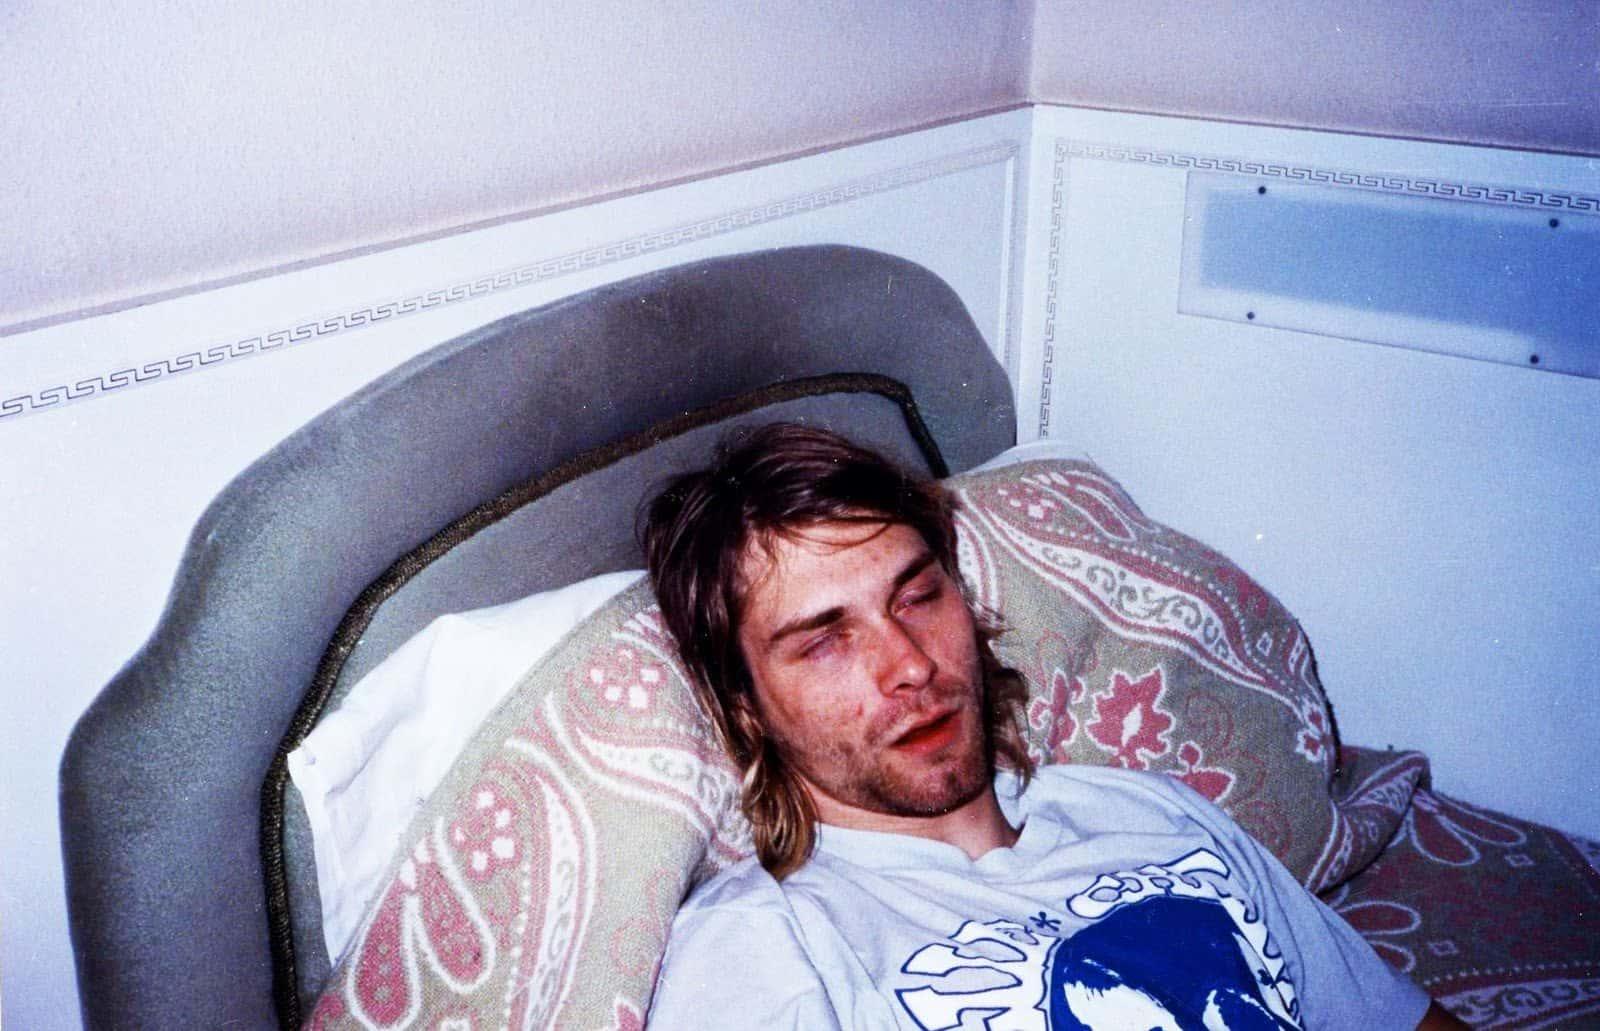 Kurt Cobain facts